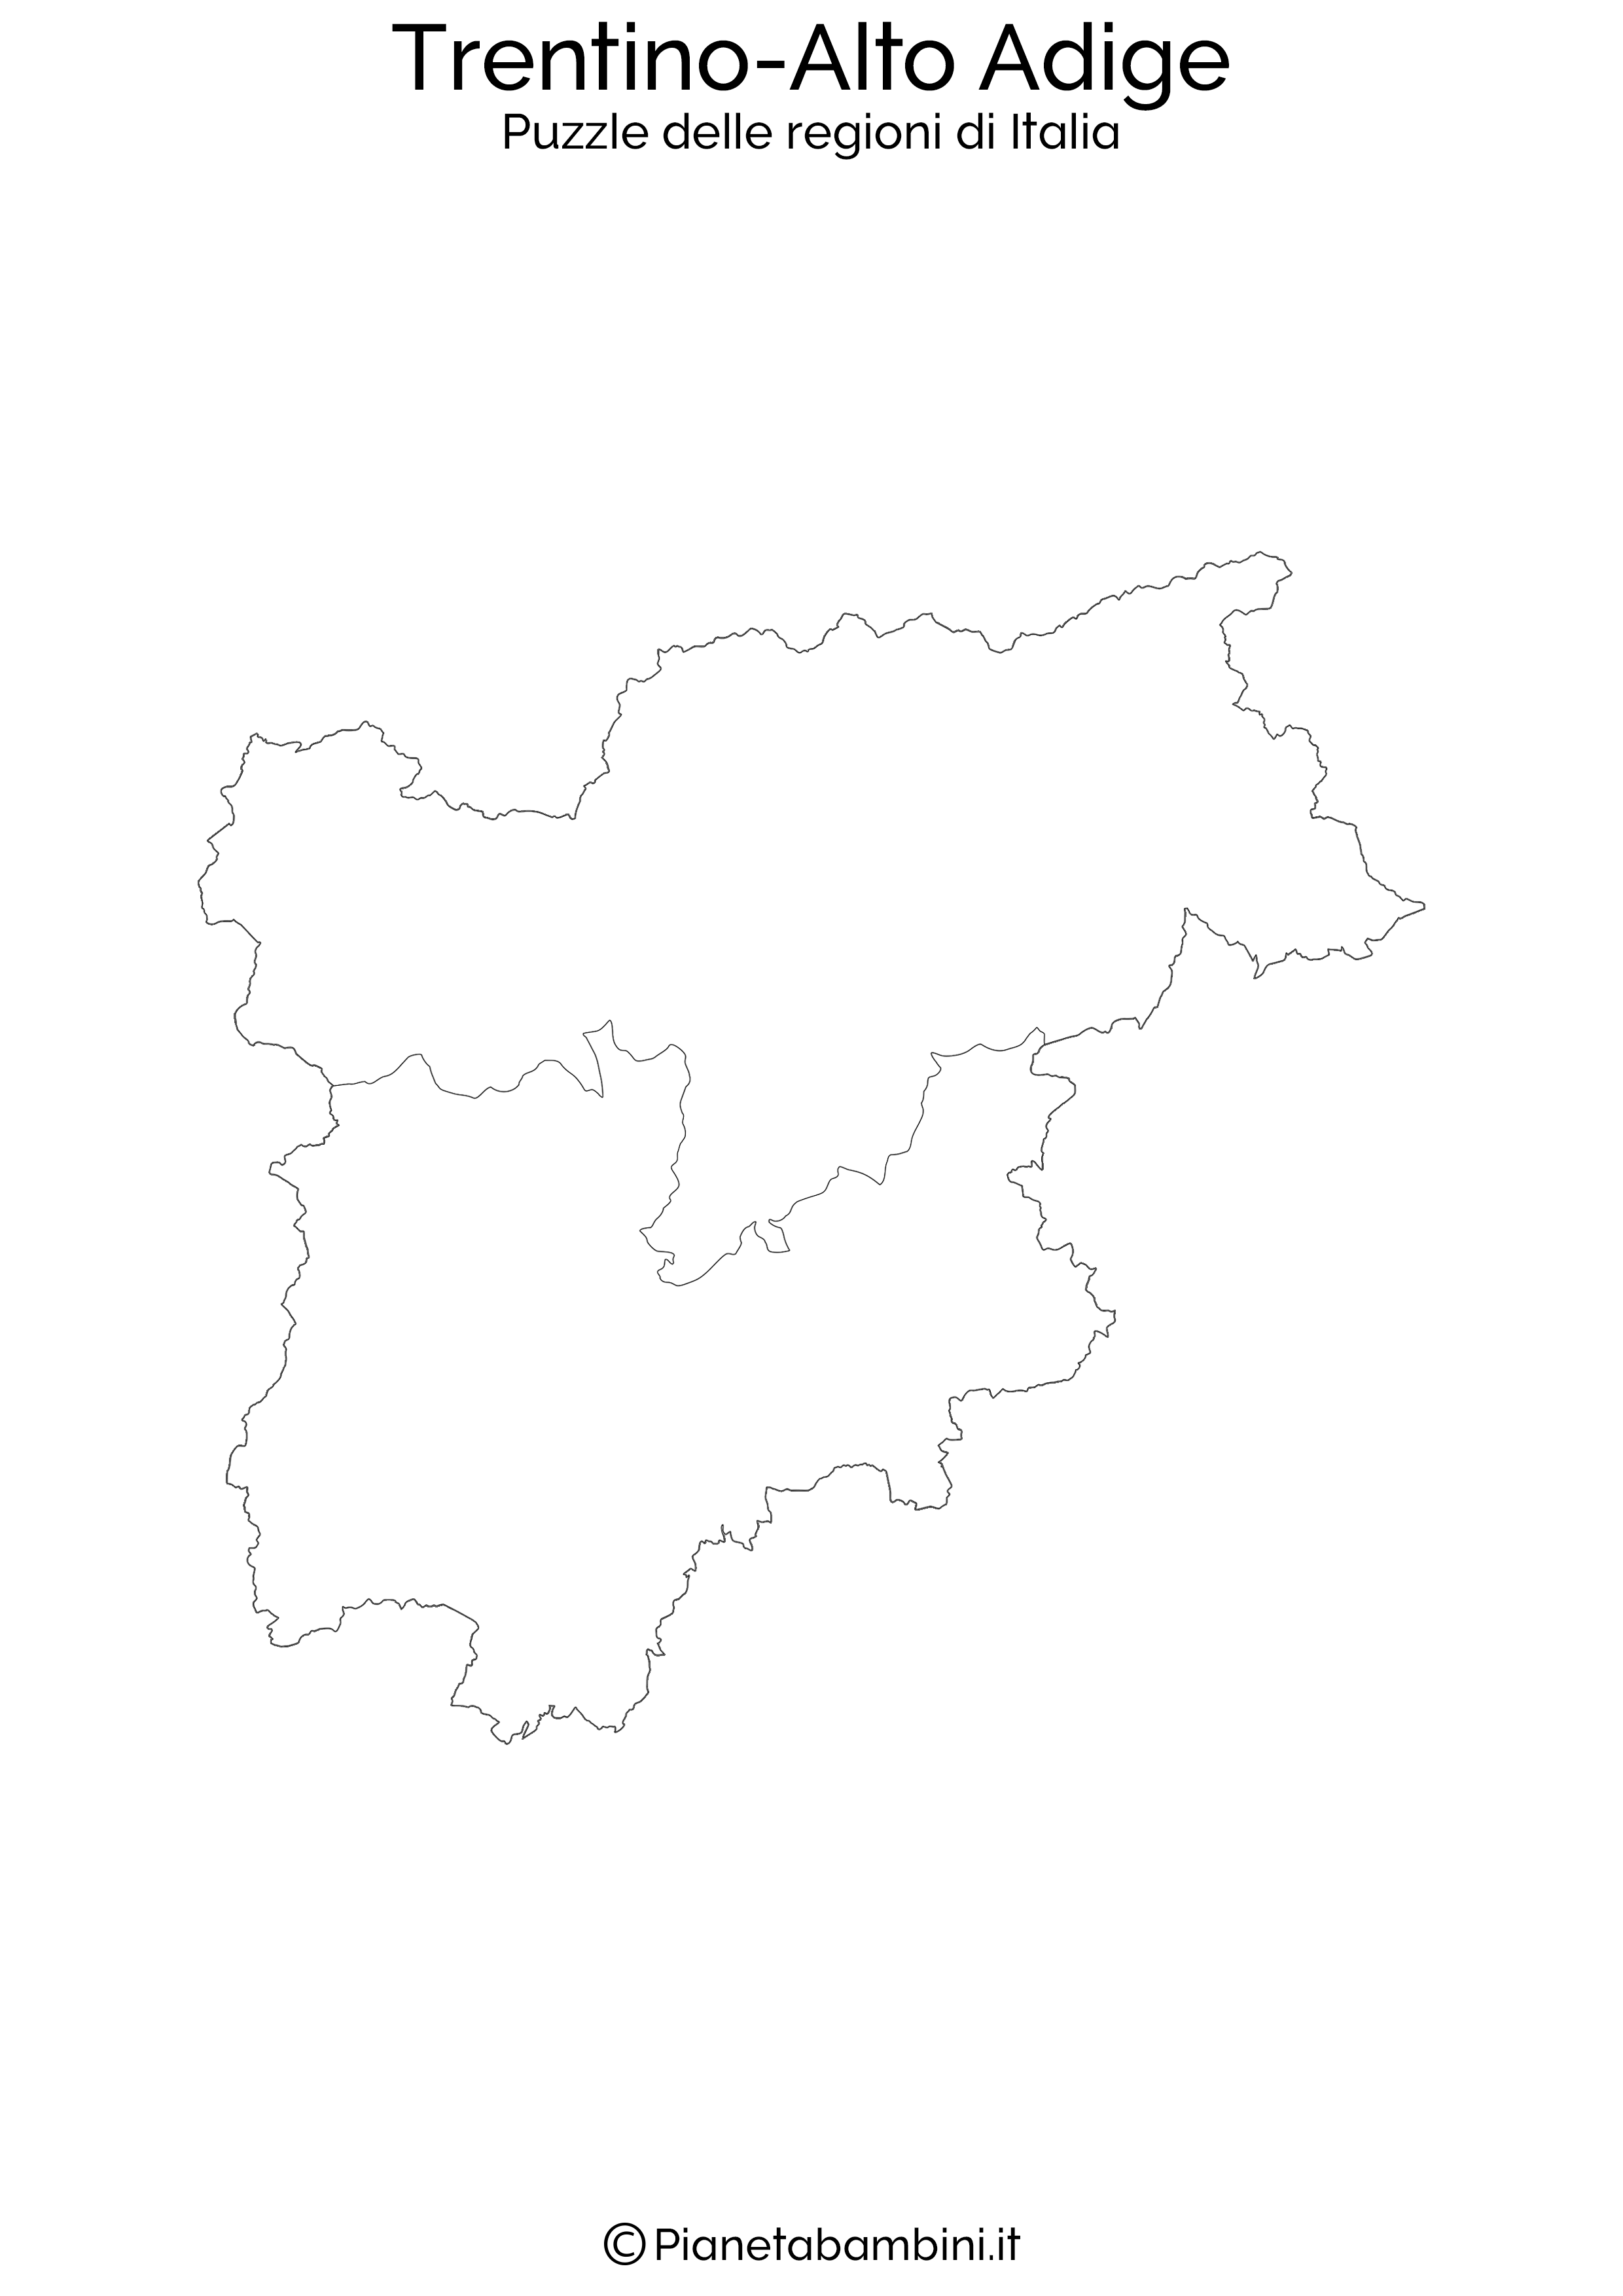 Cartina Muta Del Trentino Alto Adige.Puzzle Delle Regioni D Italia Da Stampare Pianetabambini It